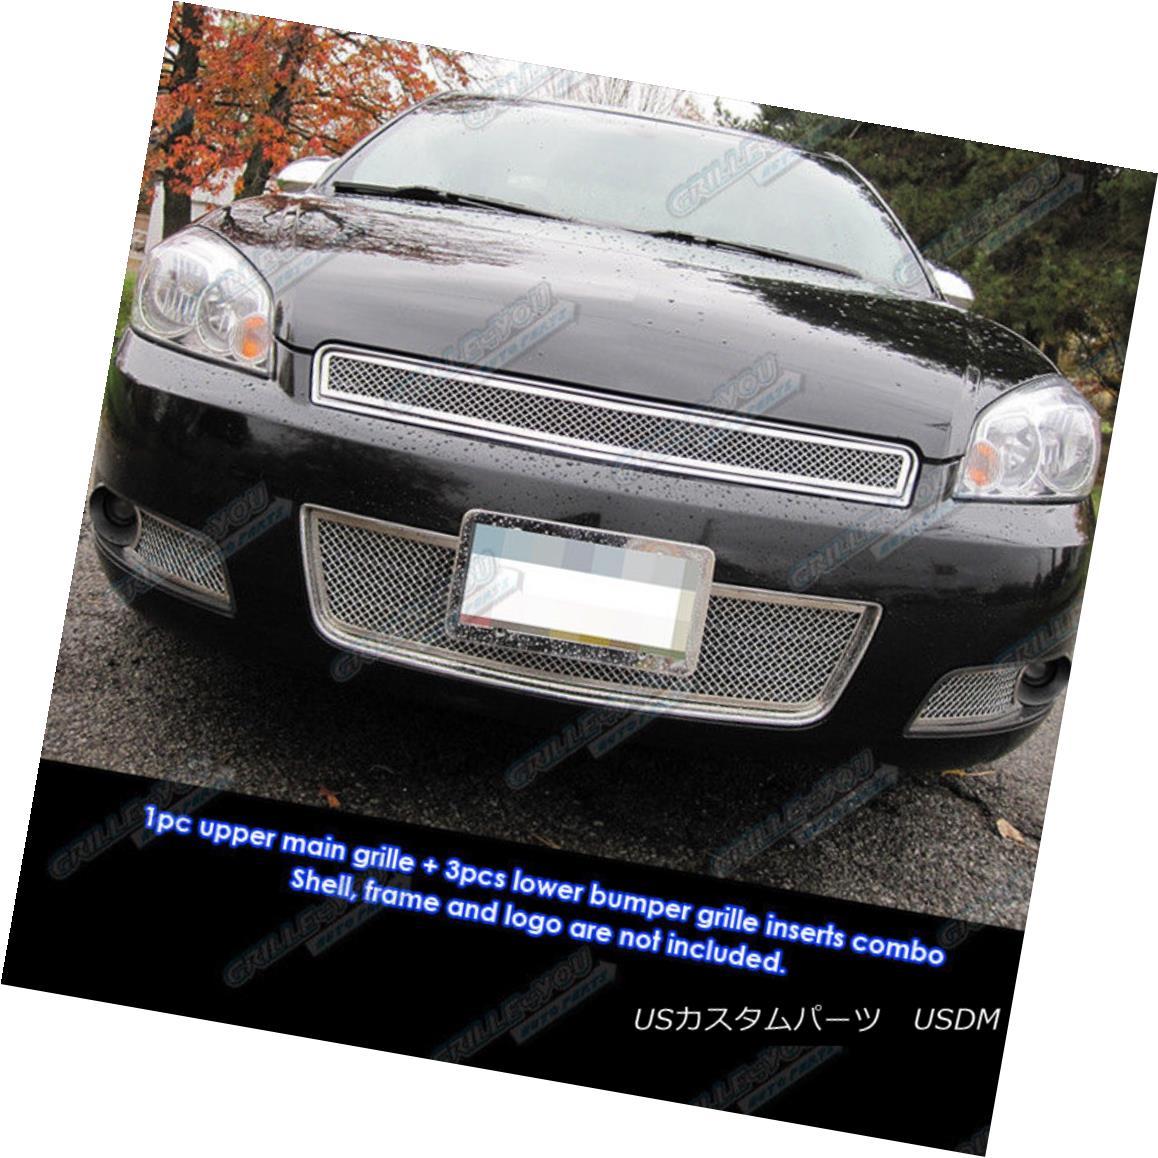 グリル Fits 2006-2013 Chevy Impala Mesh Grille Grill Insert Combo フィット2006-2013シボレーインパラメッシュグリルグリルインサートコンボ